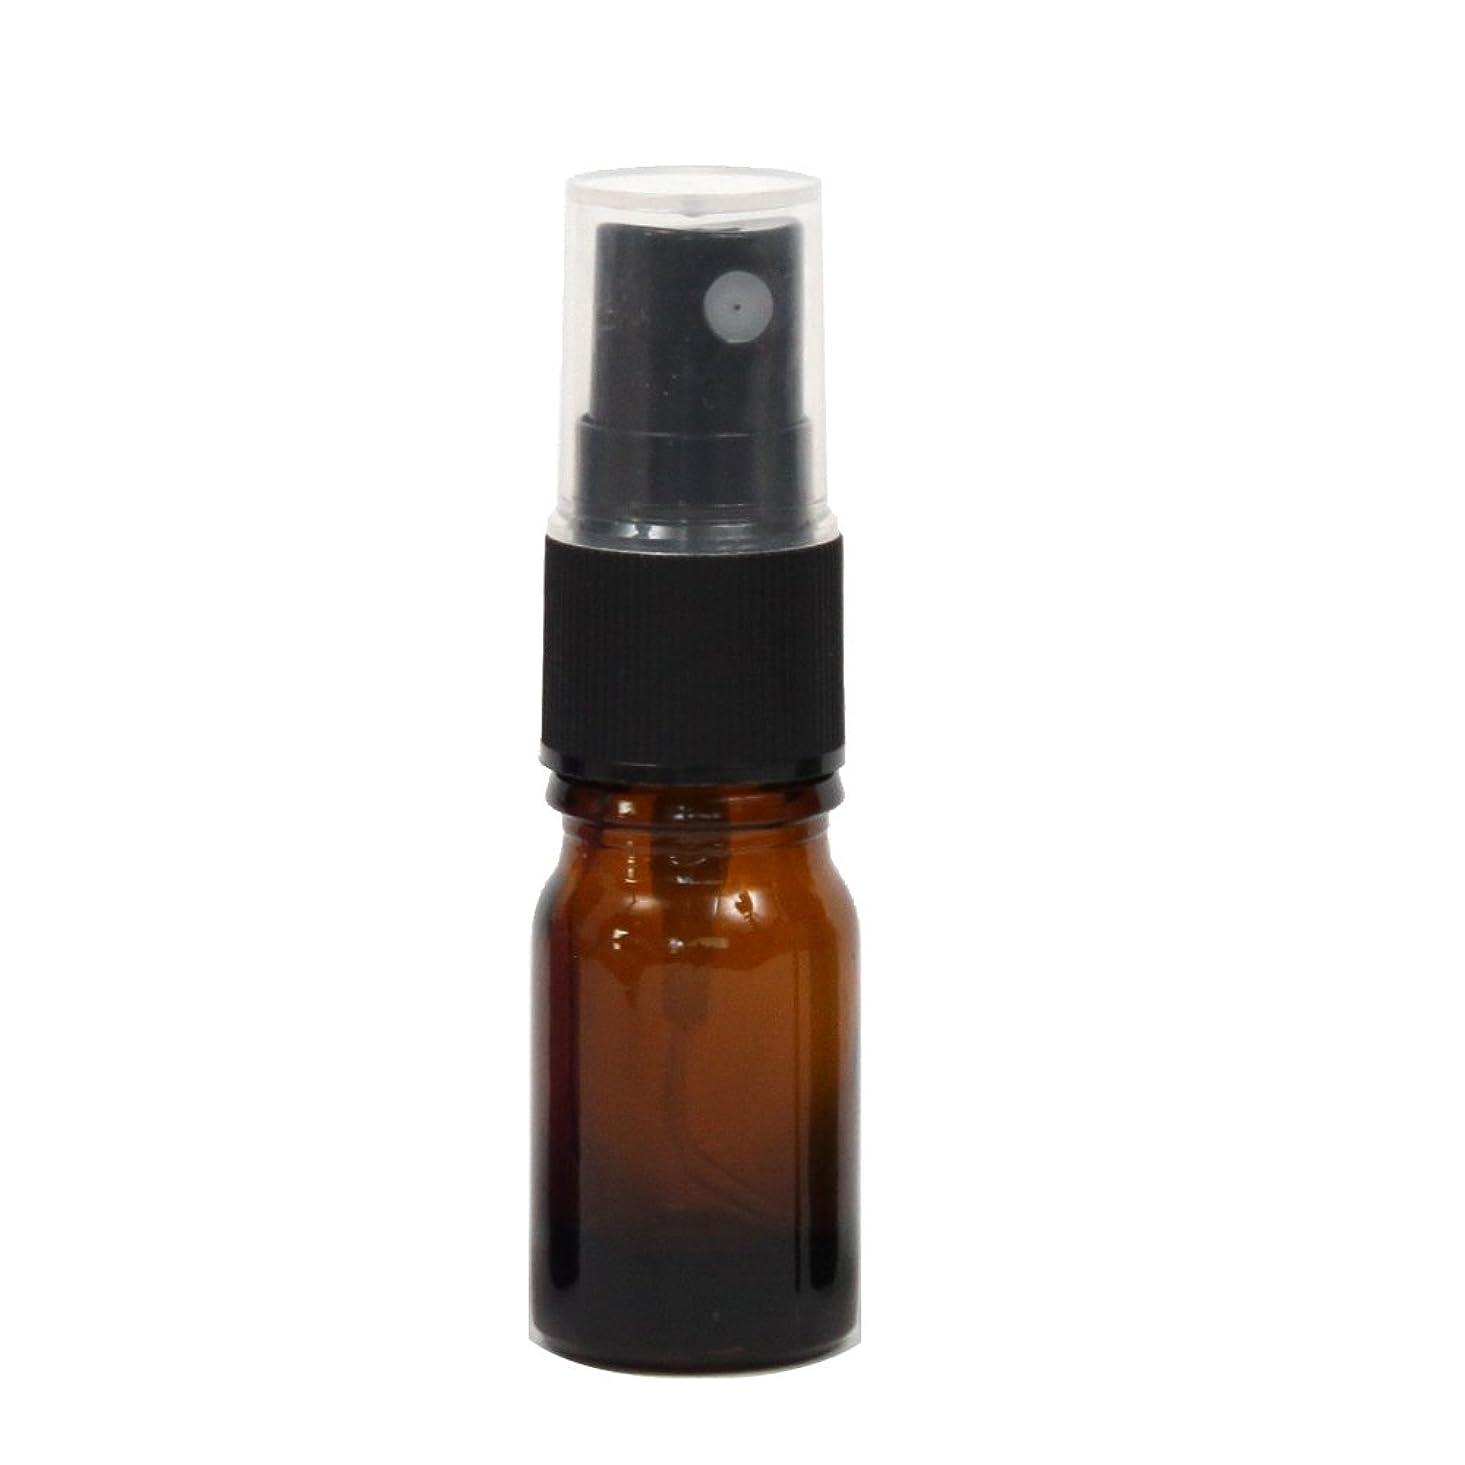 山積みの株式会社日付付きスプレーボトル ガラス瓶 5mL 遮光性ブラウン(アンバー) おしゃれアトマイザー ミスト空容器